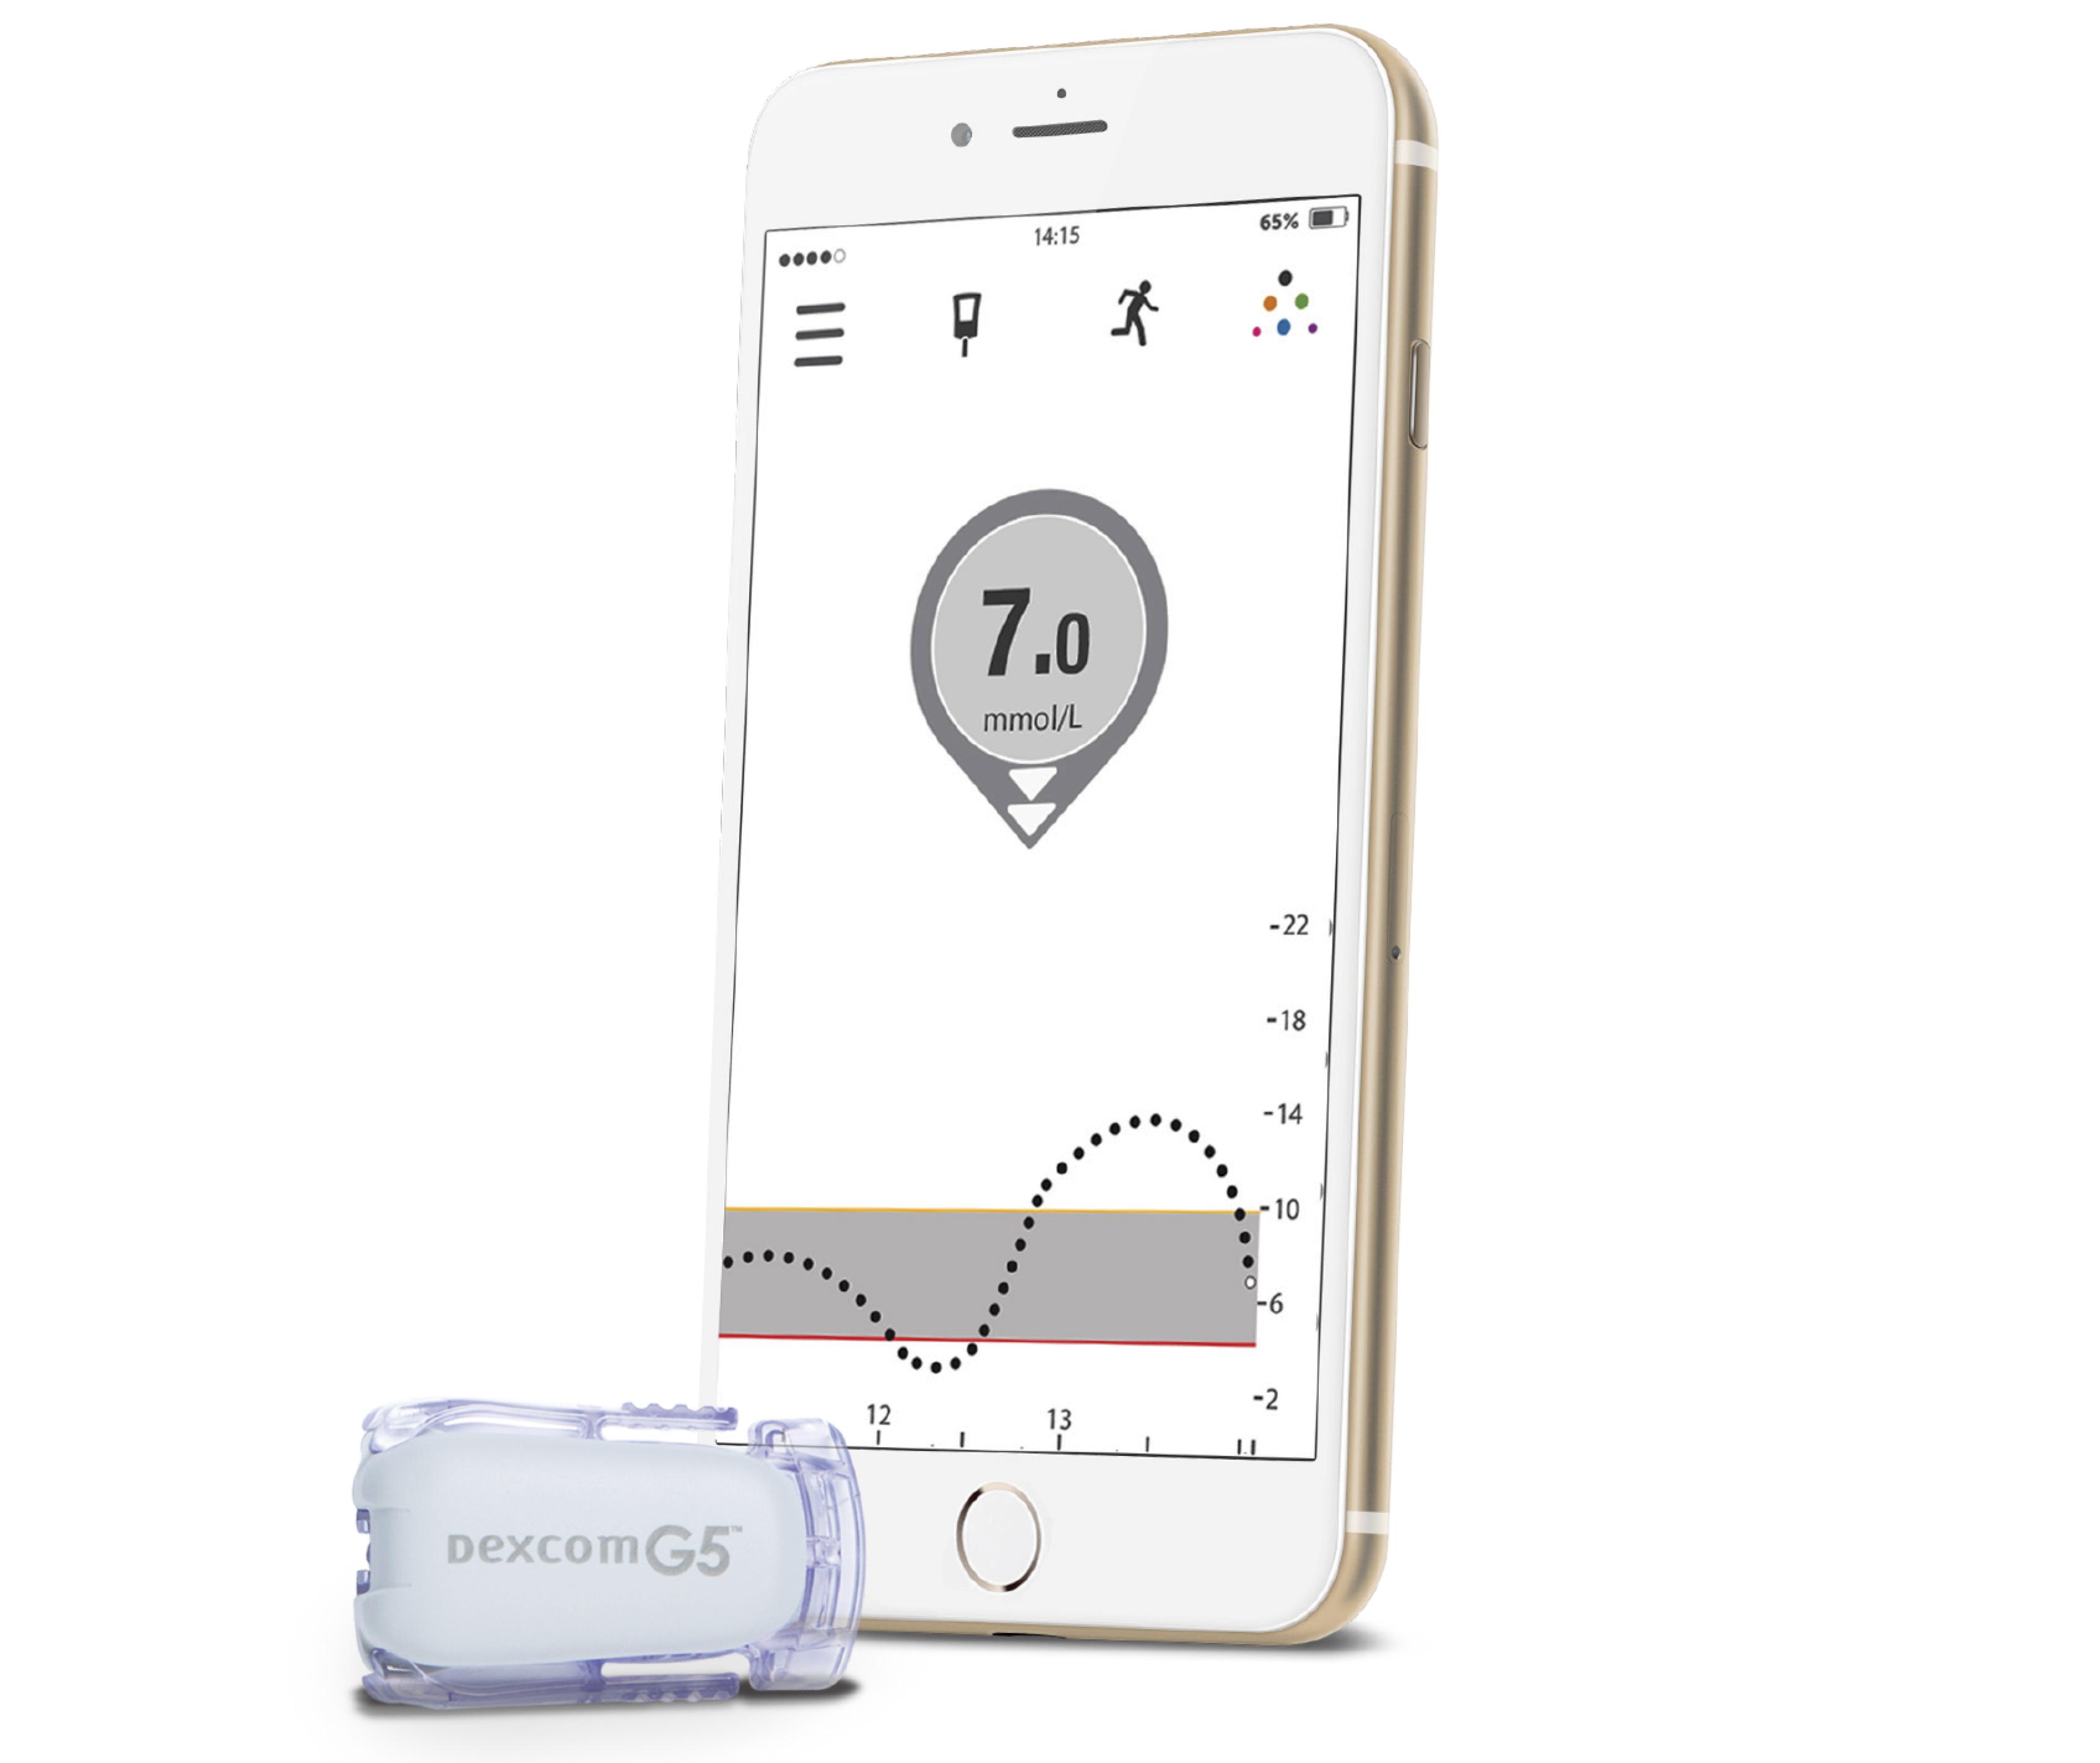 Dexcom CEO talks 'game changer' diabetes management coming